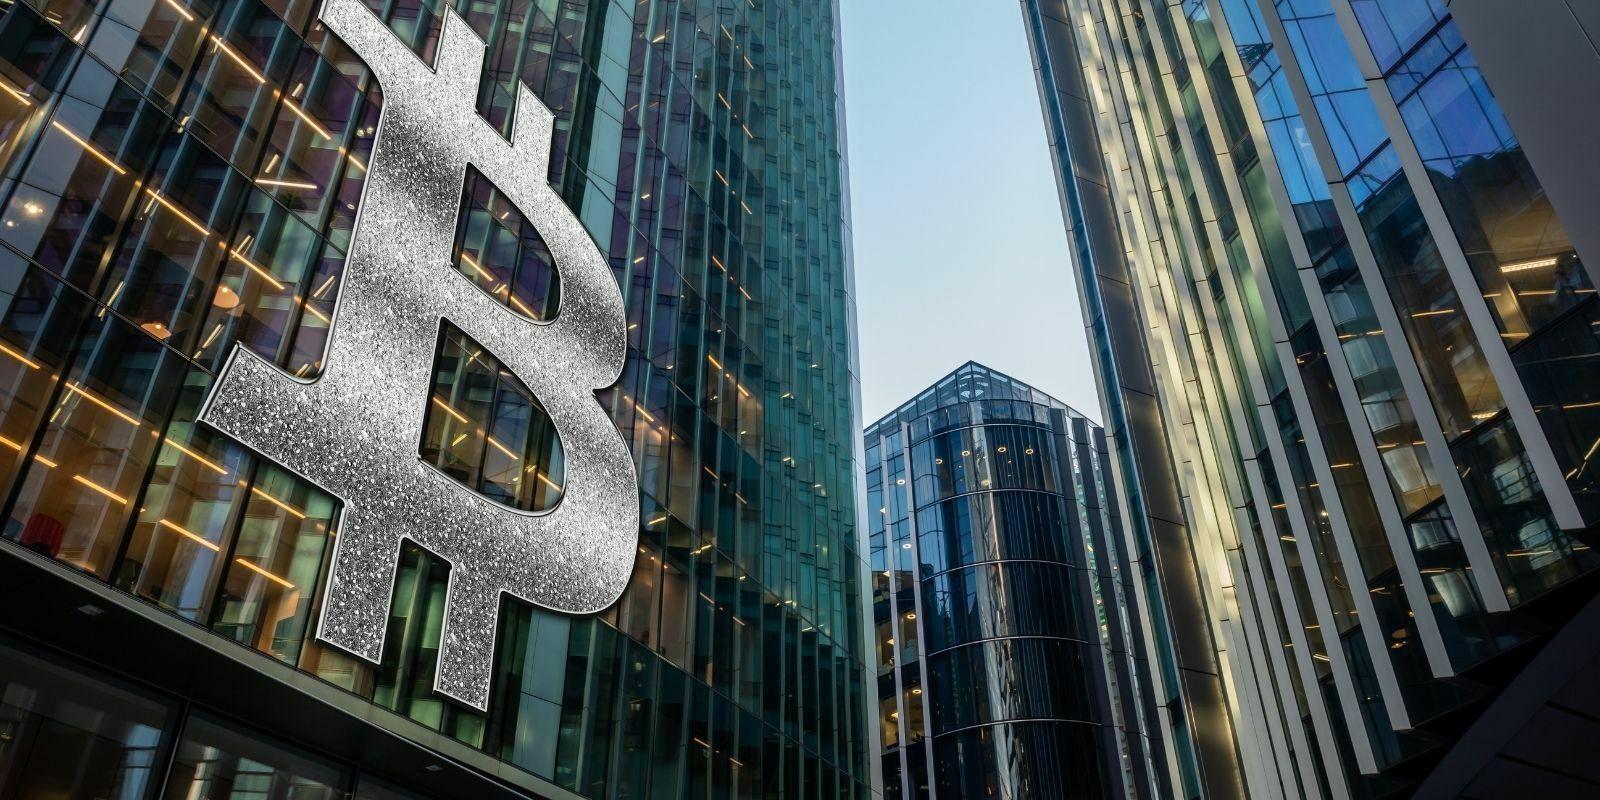 L'entreprise Mogo, cotée au Nasdaq, prévoit d'allouer 1,5% de ses avoirs en Bitcoin (BTC)